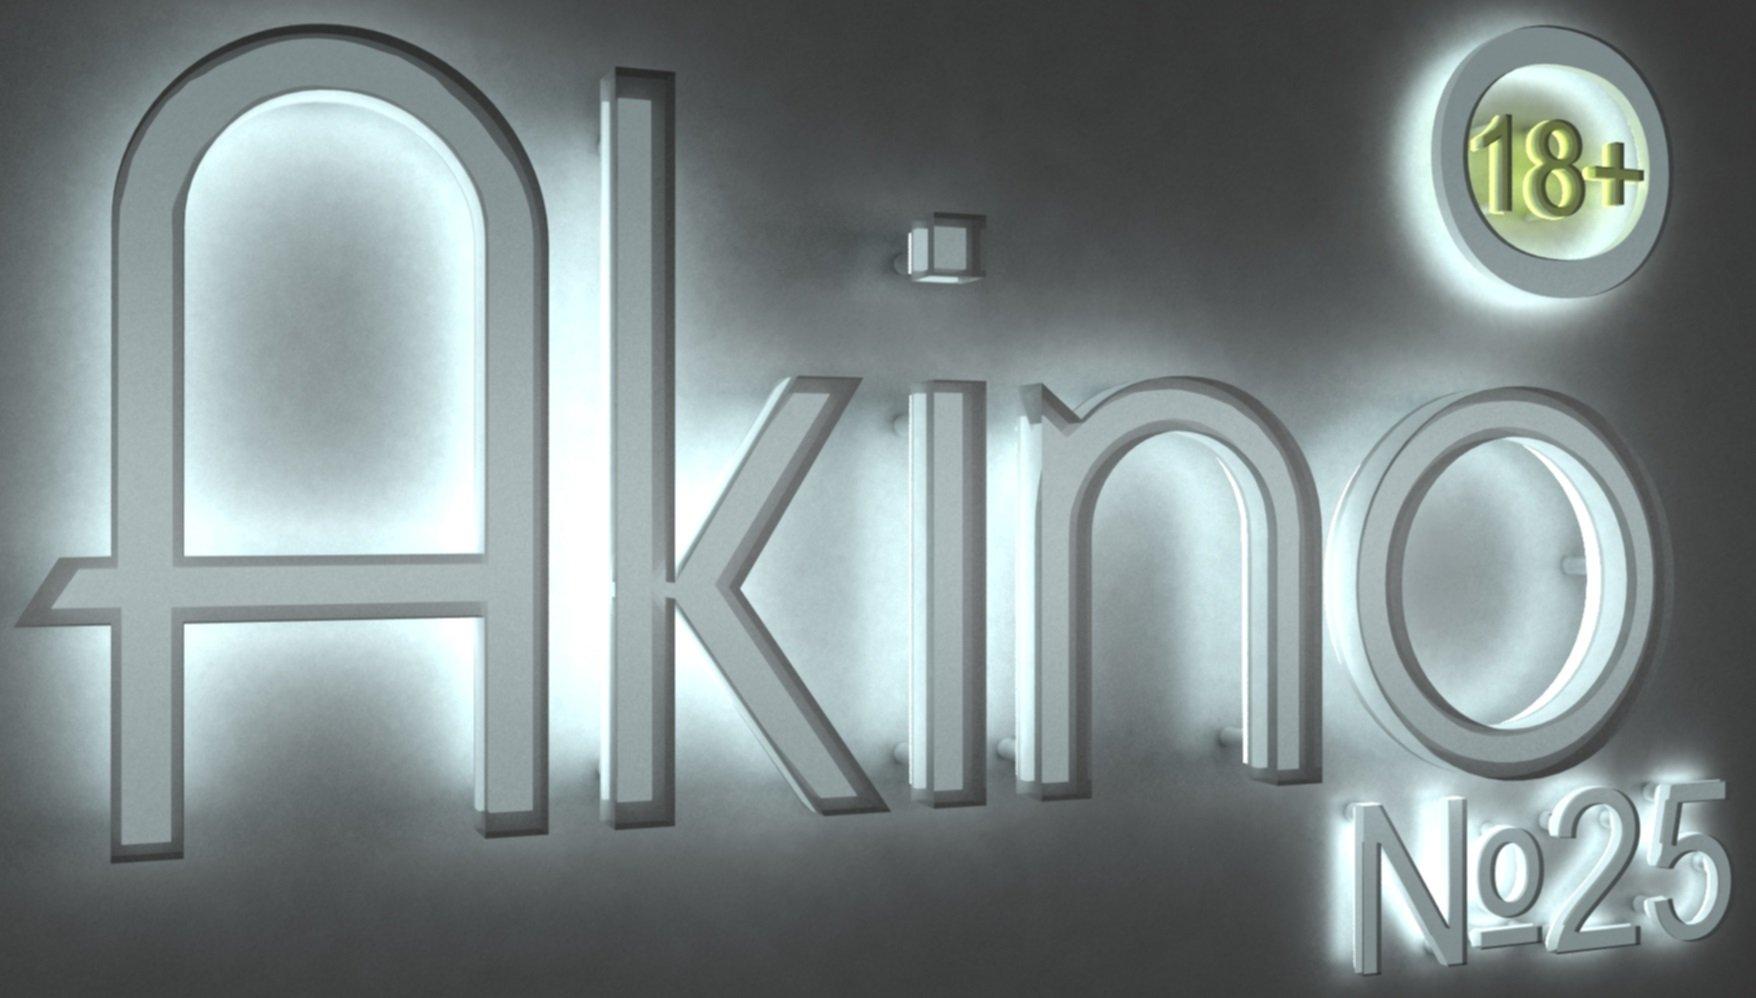 Подкаст AkiNO Выпуск № 25 (18+) - Изображение 1